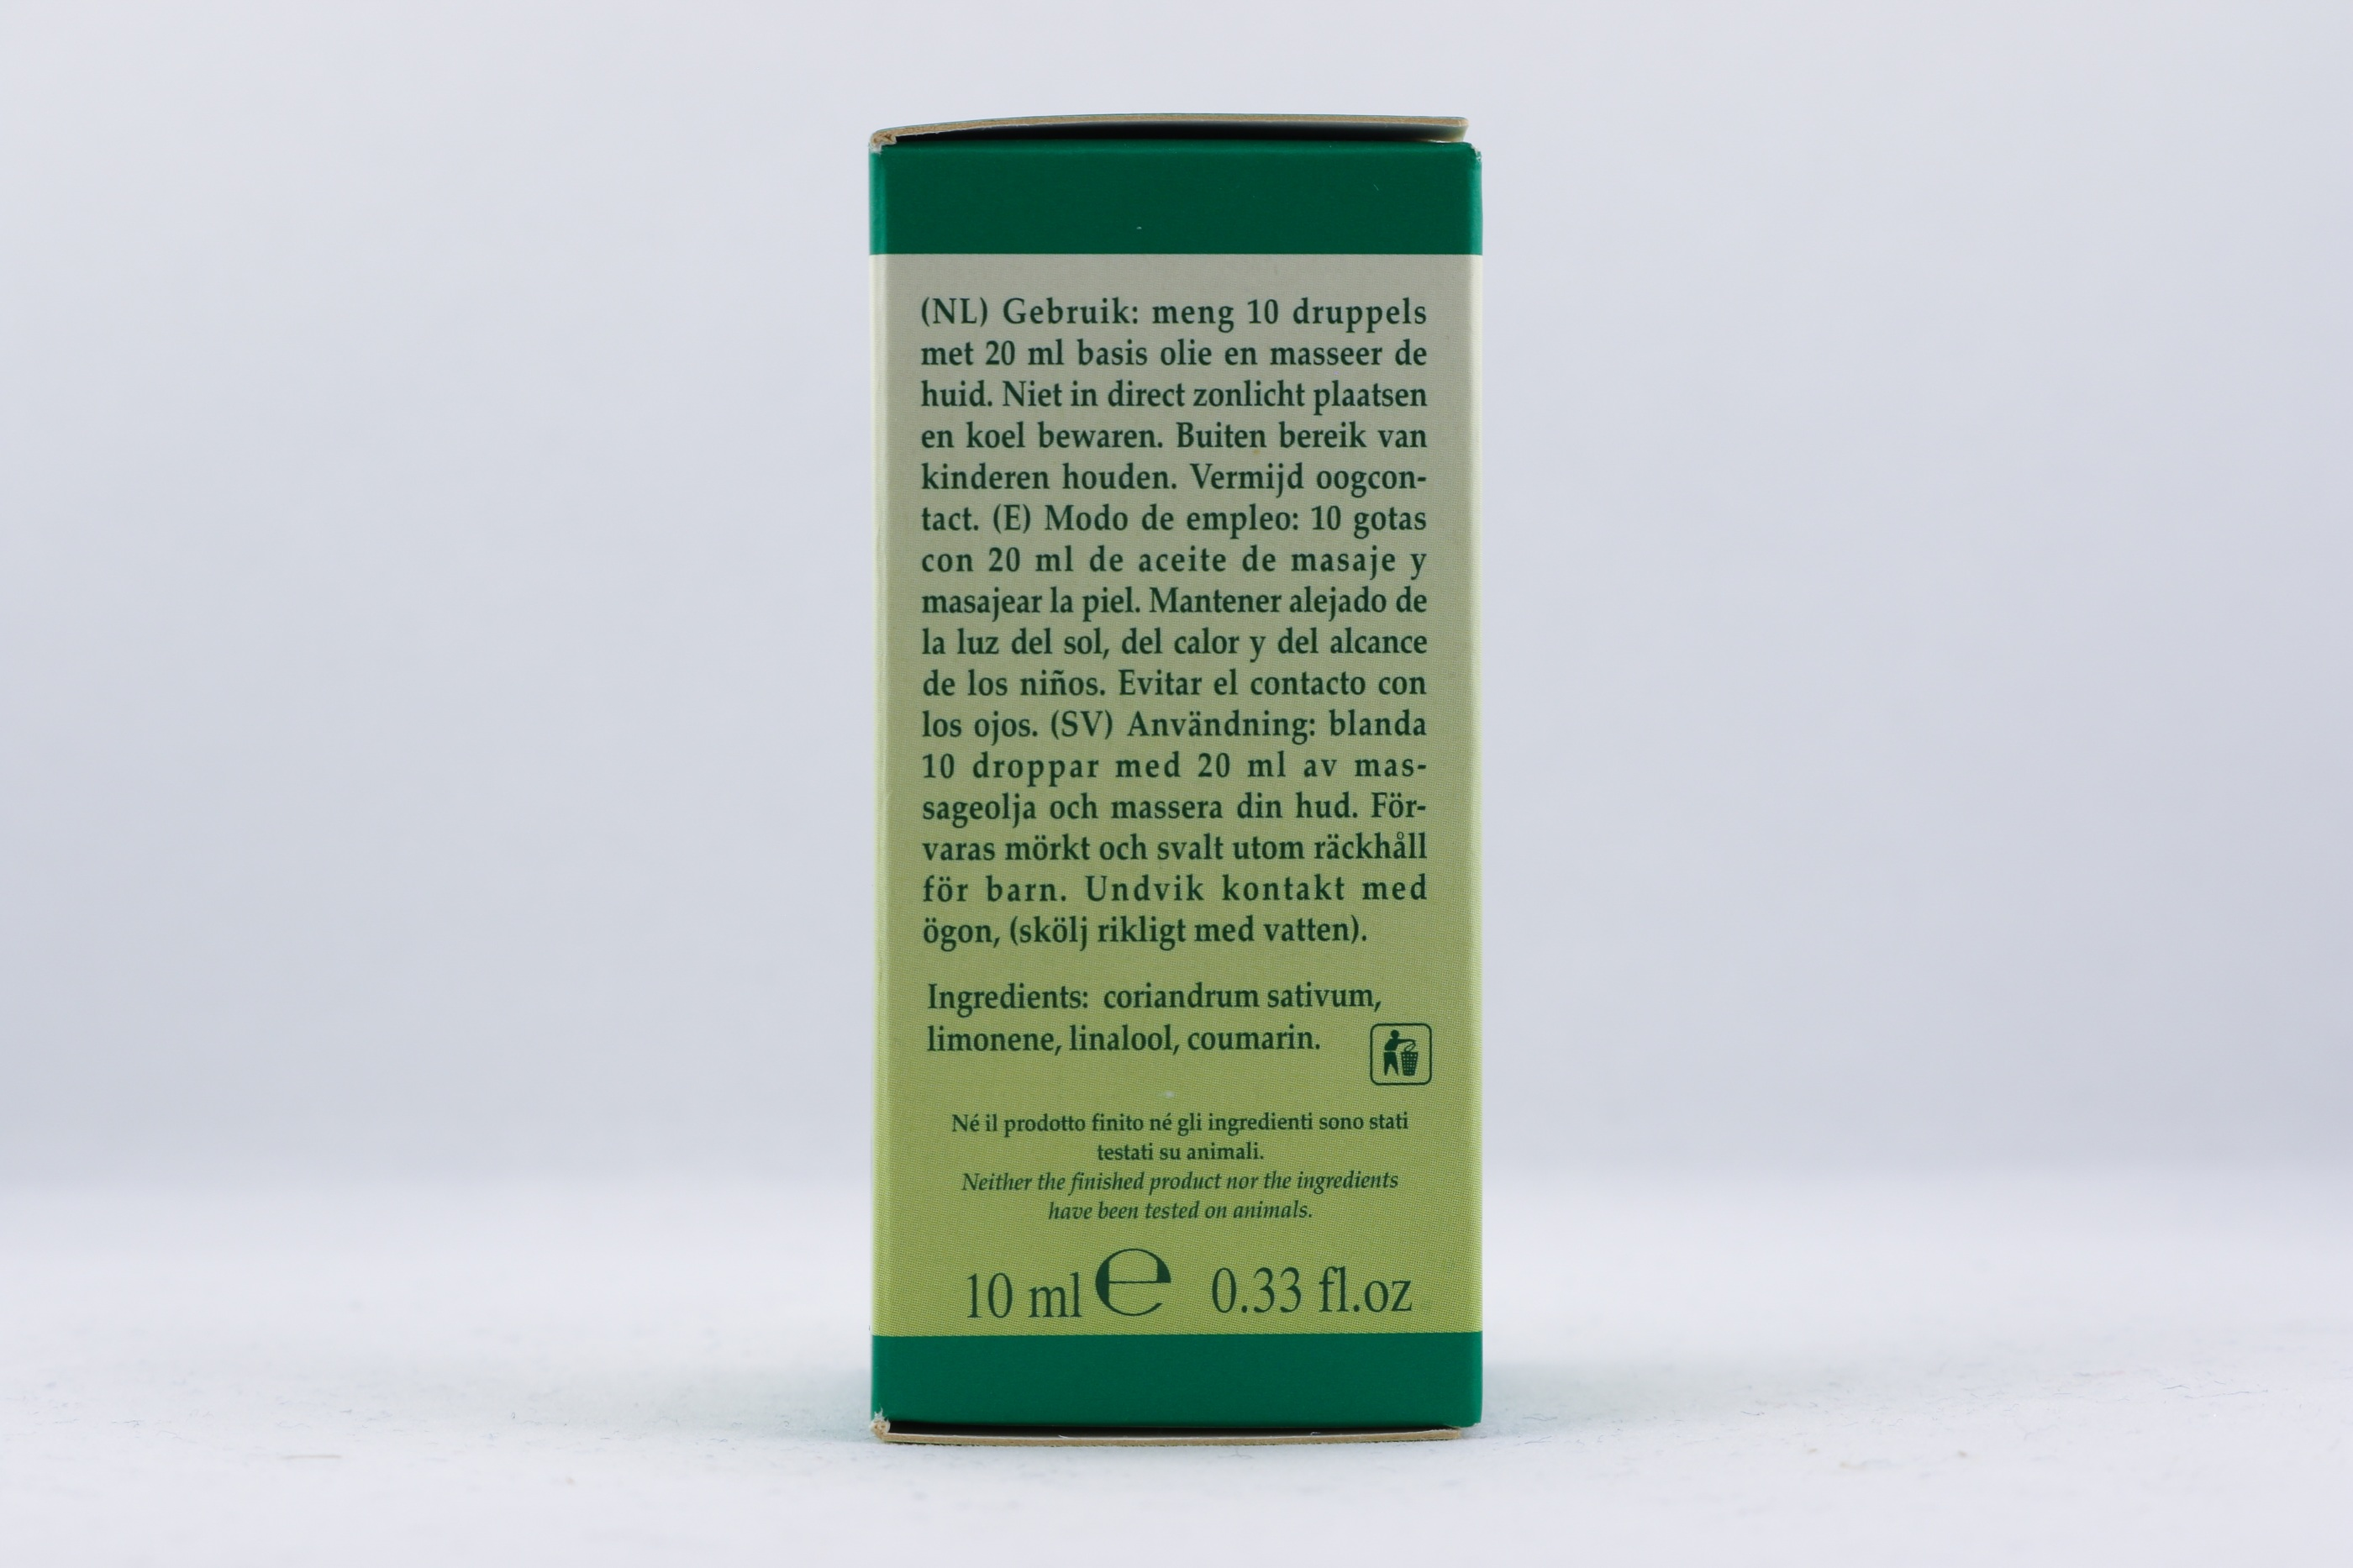 Koriander olja wellness ayurveda halmstad sweden svensk eterisk aroma olja